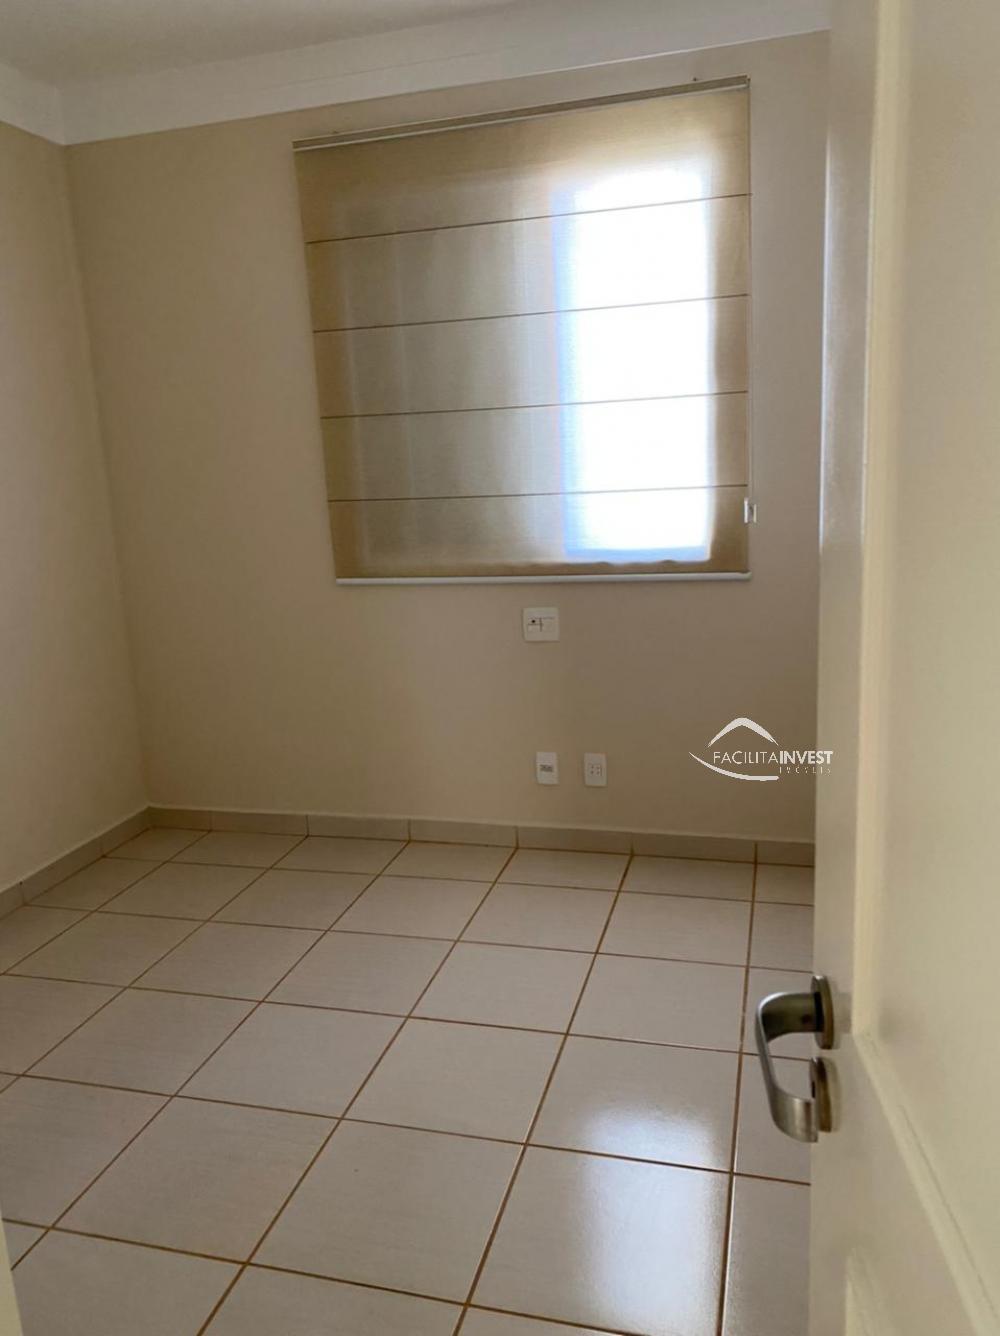 Alugar Apartamentos / Apart. Padrão em Ribeirão Preto R$ 2.400,00 - Foto 15